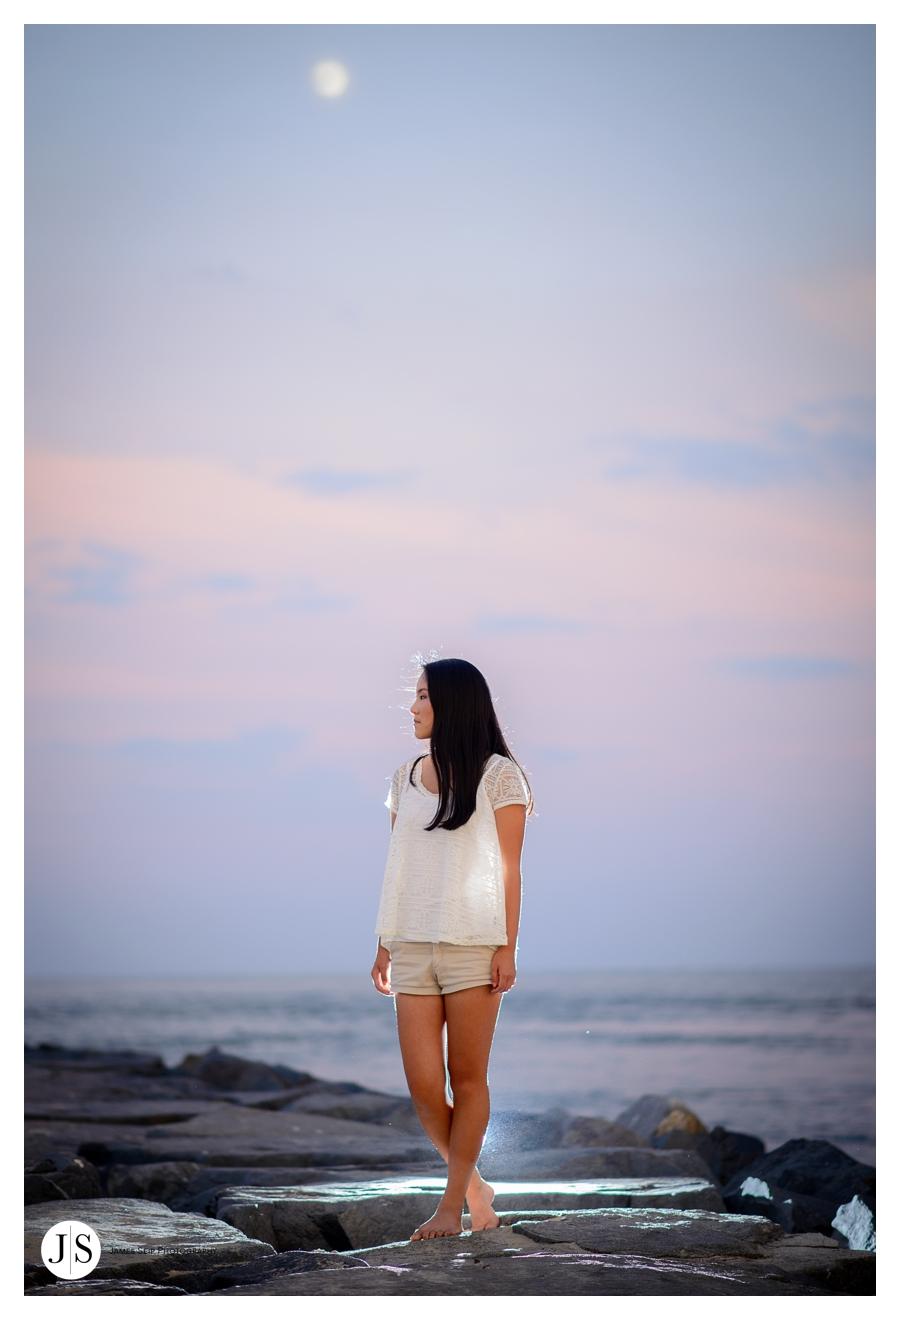 hyunji blog 14